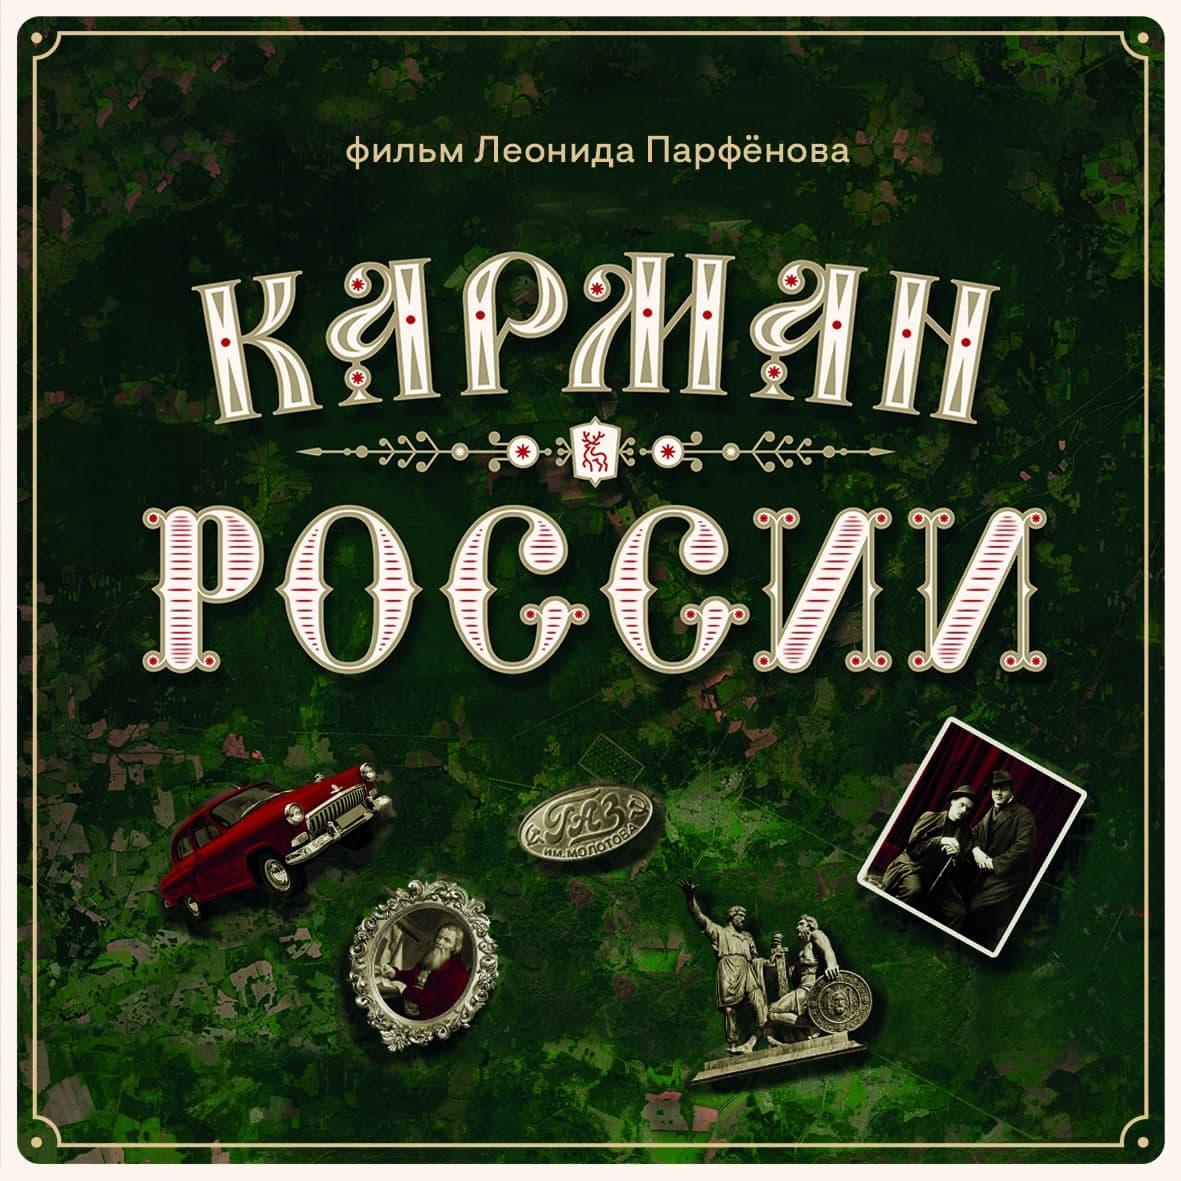 Показ фильма «Карман России» состоится в Нижнем Новгороде 23 июля